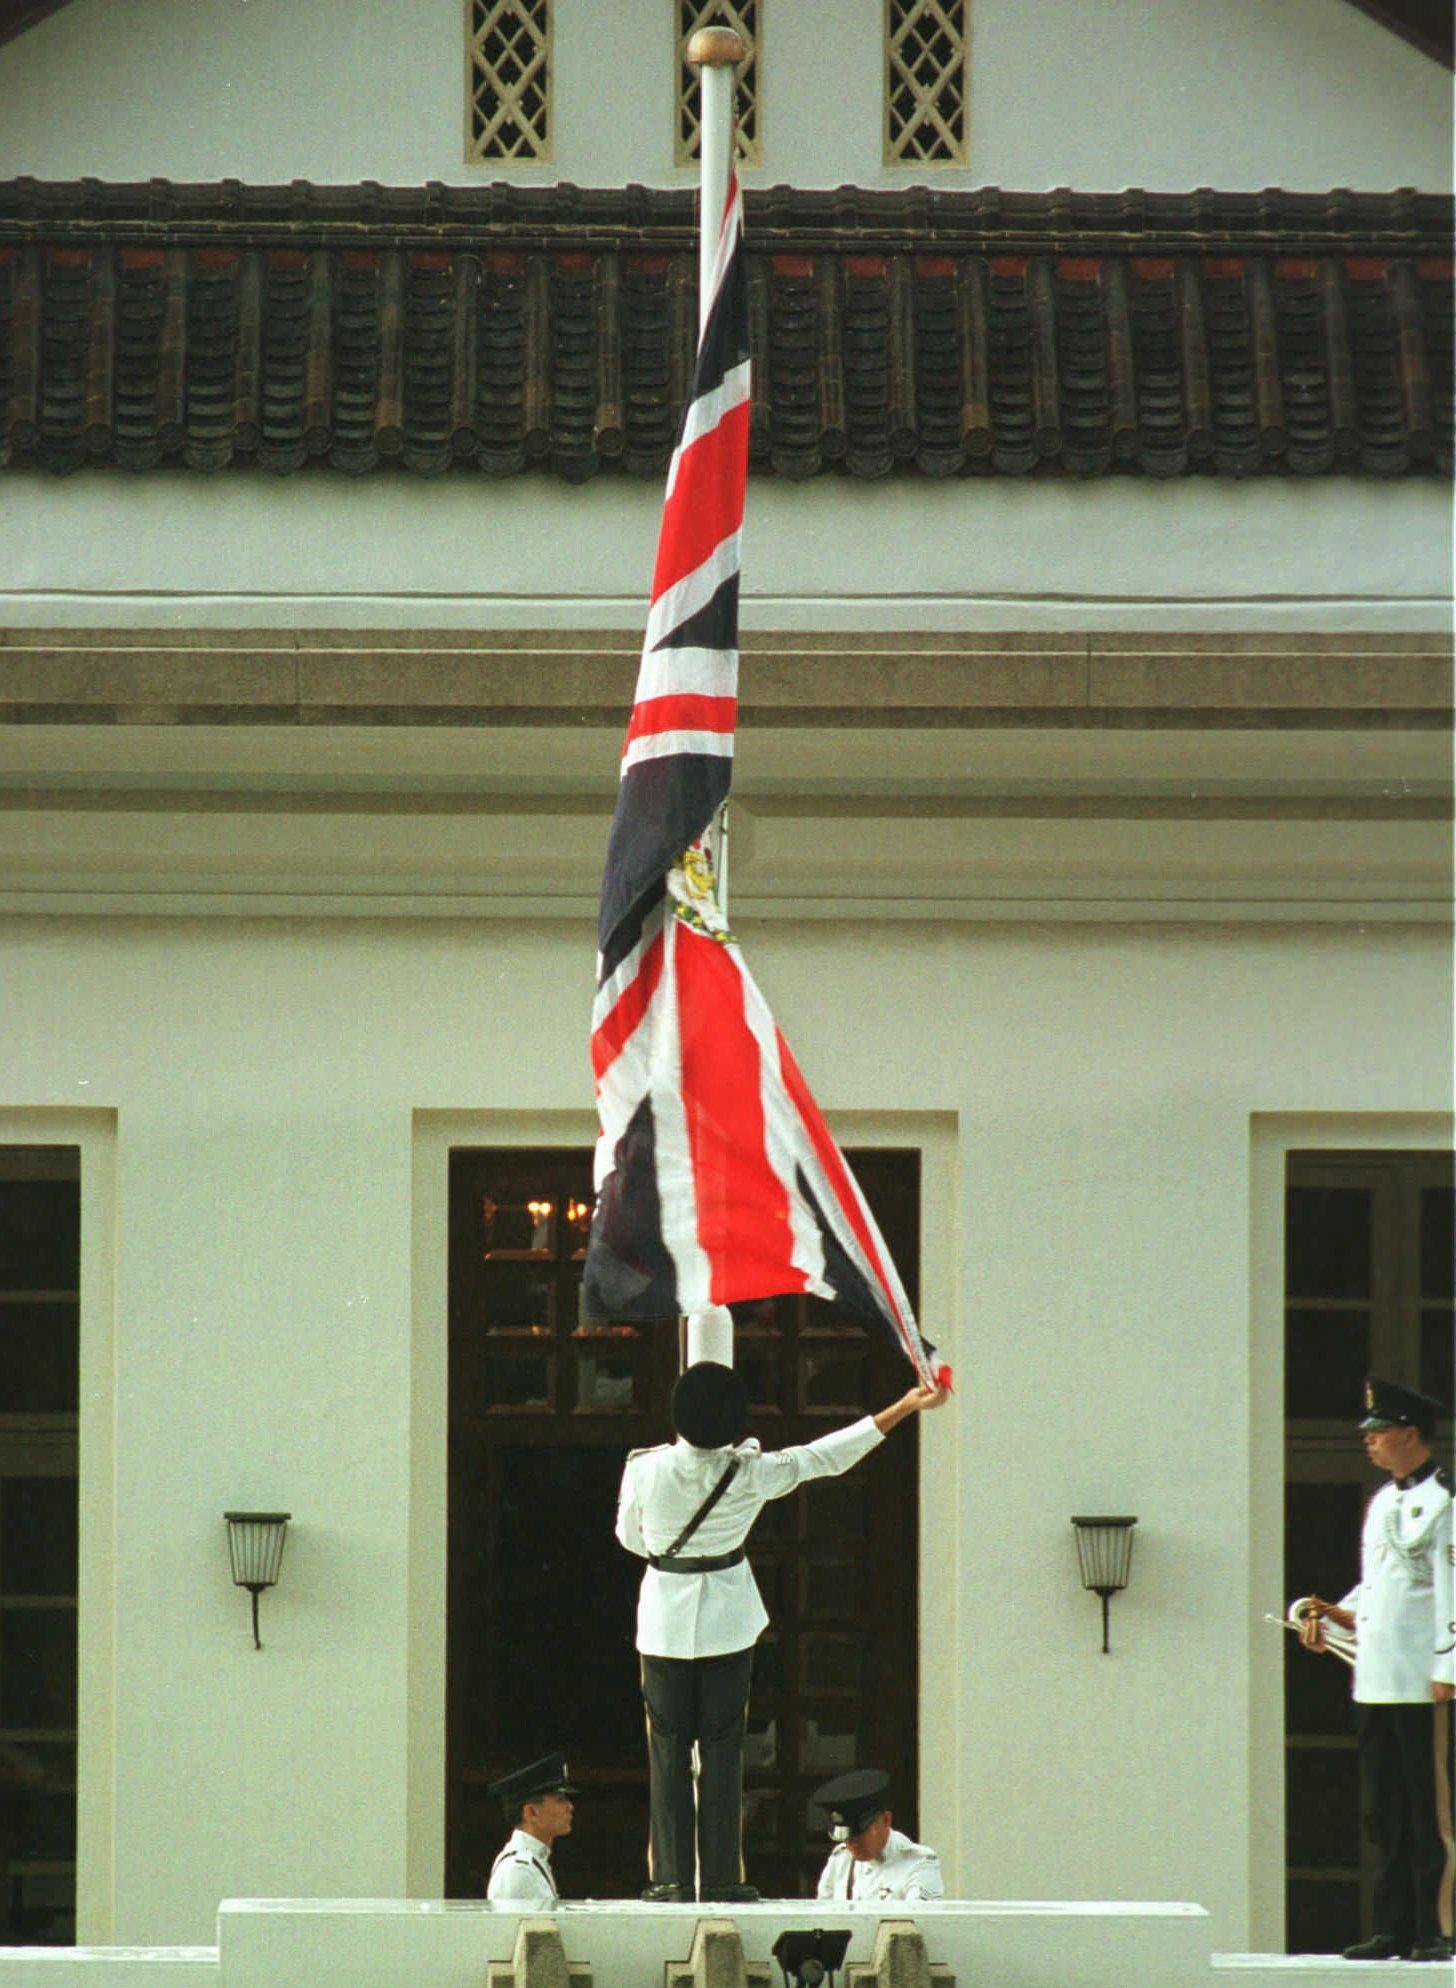 港督府上飄揚超過一個世紀的英國旗幟降下。(美聯社)